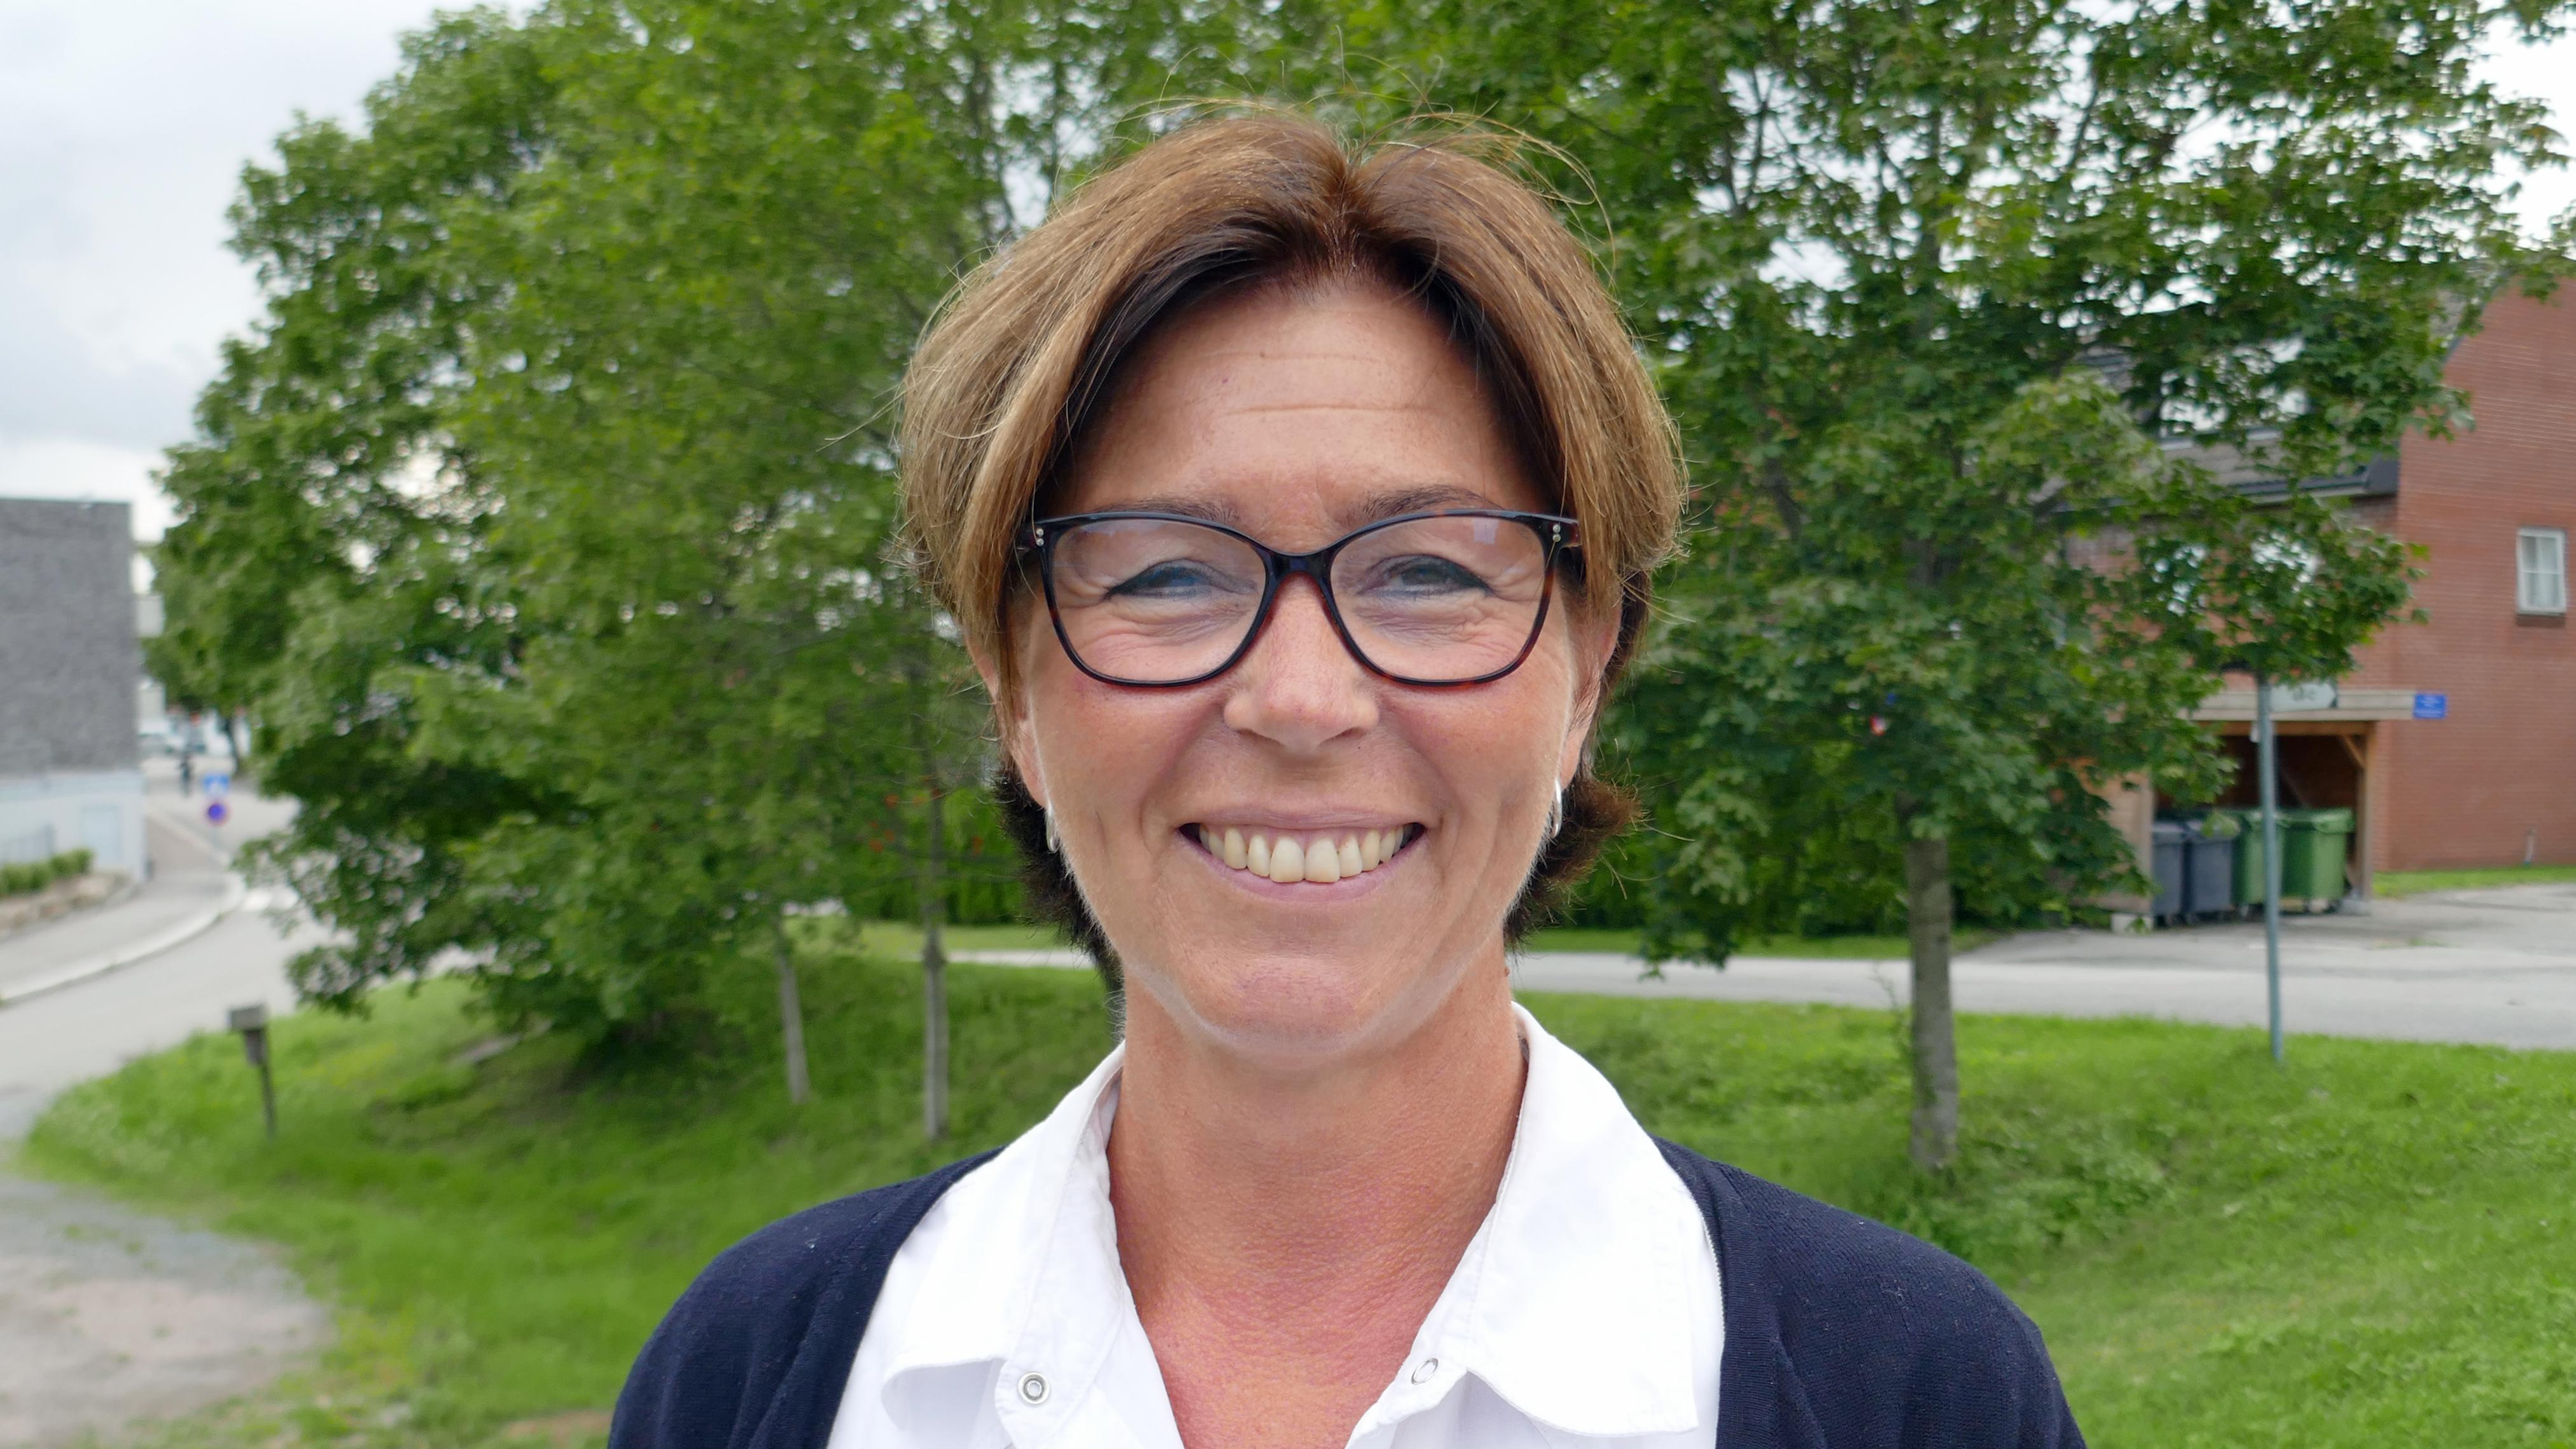 Ingrid Marie Eikland